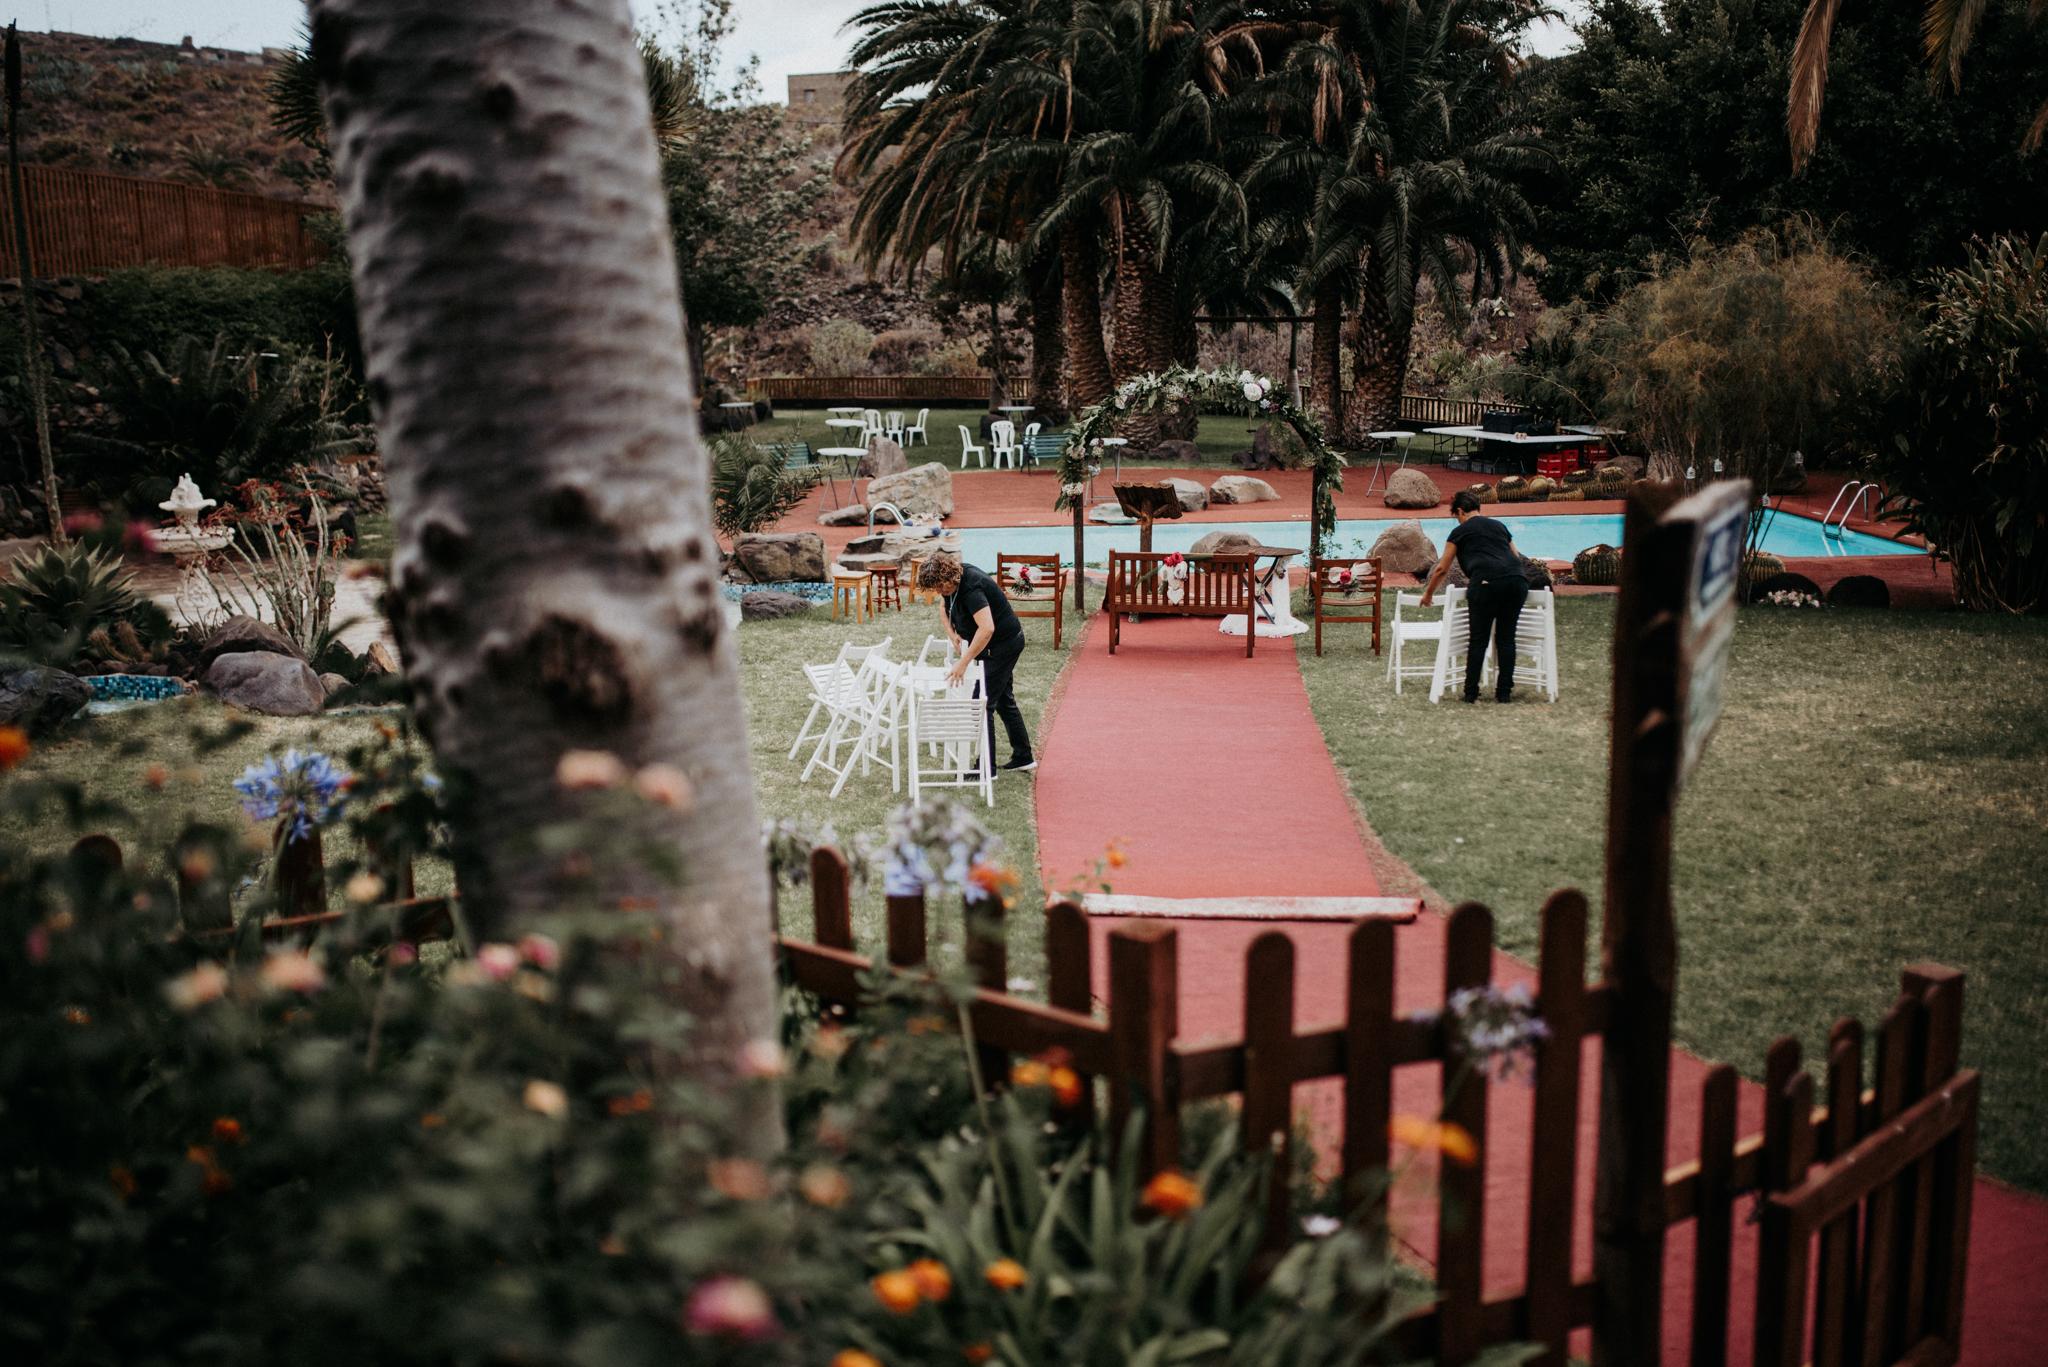 sonia boda-19.jpg